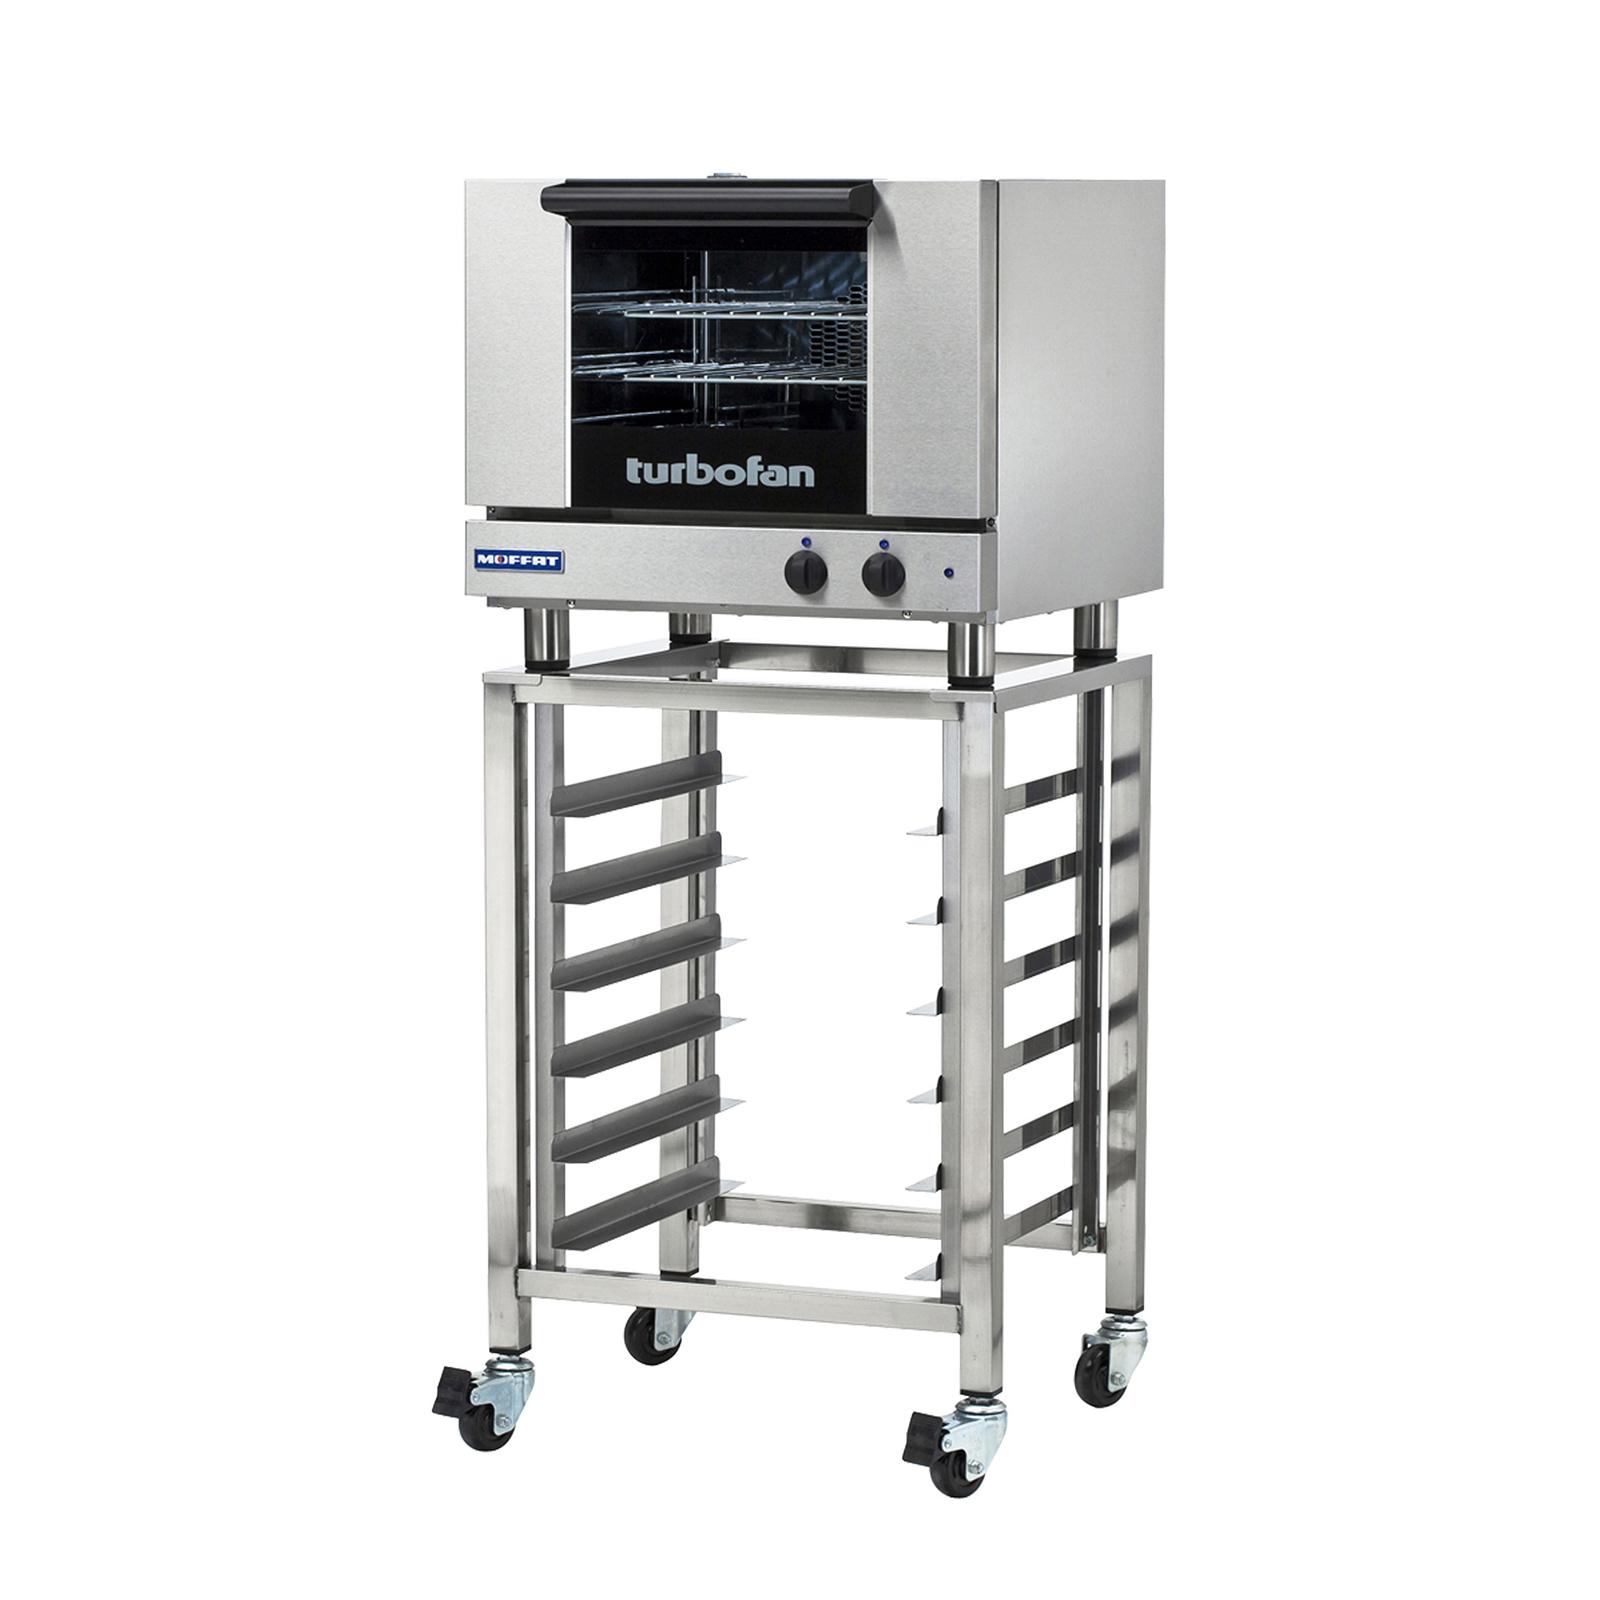 Moffat E22M3/SK23 convection oven, electric